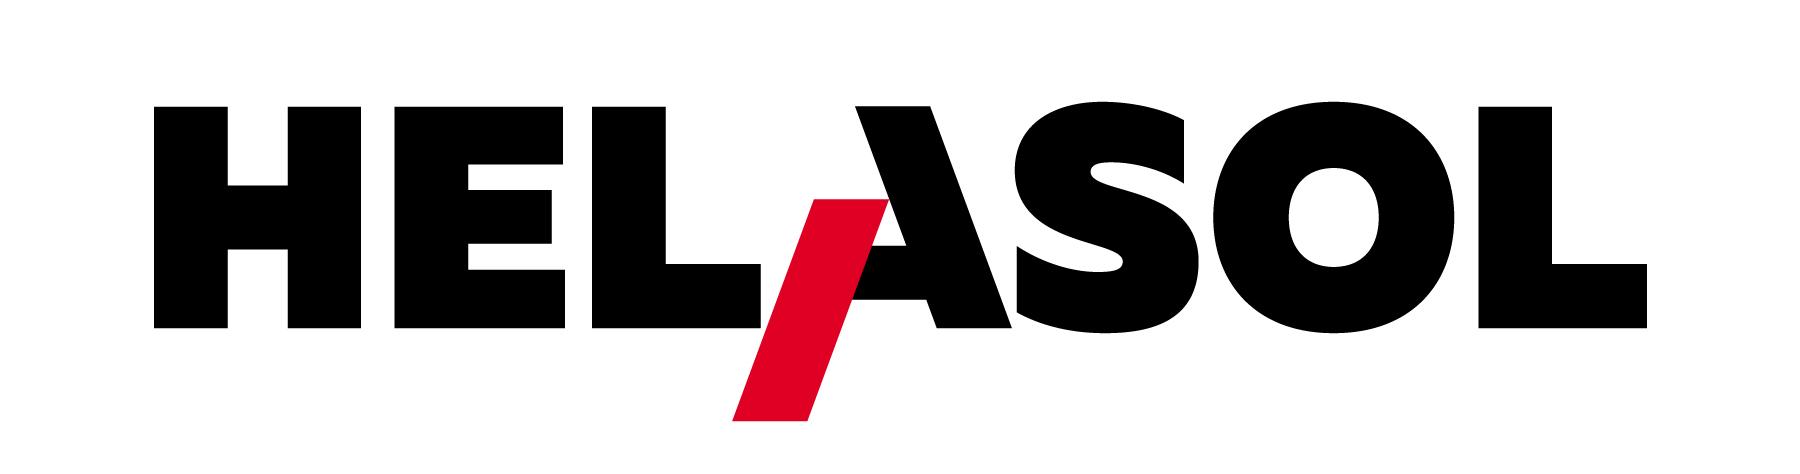 Търговска марка Helasol.